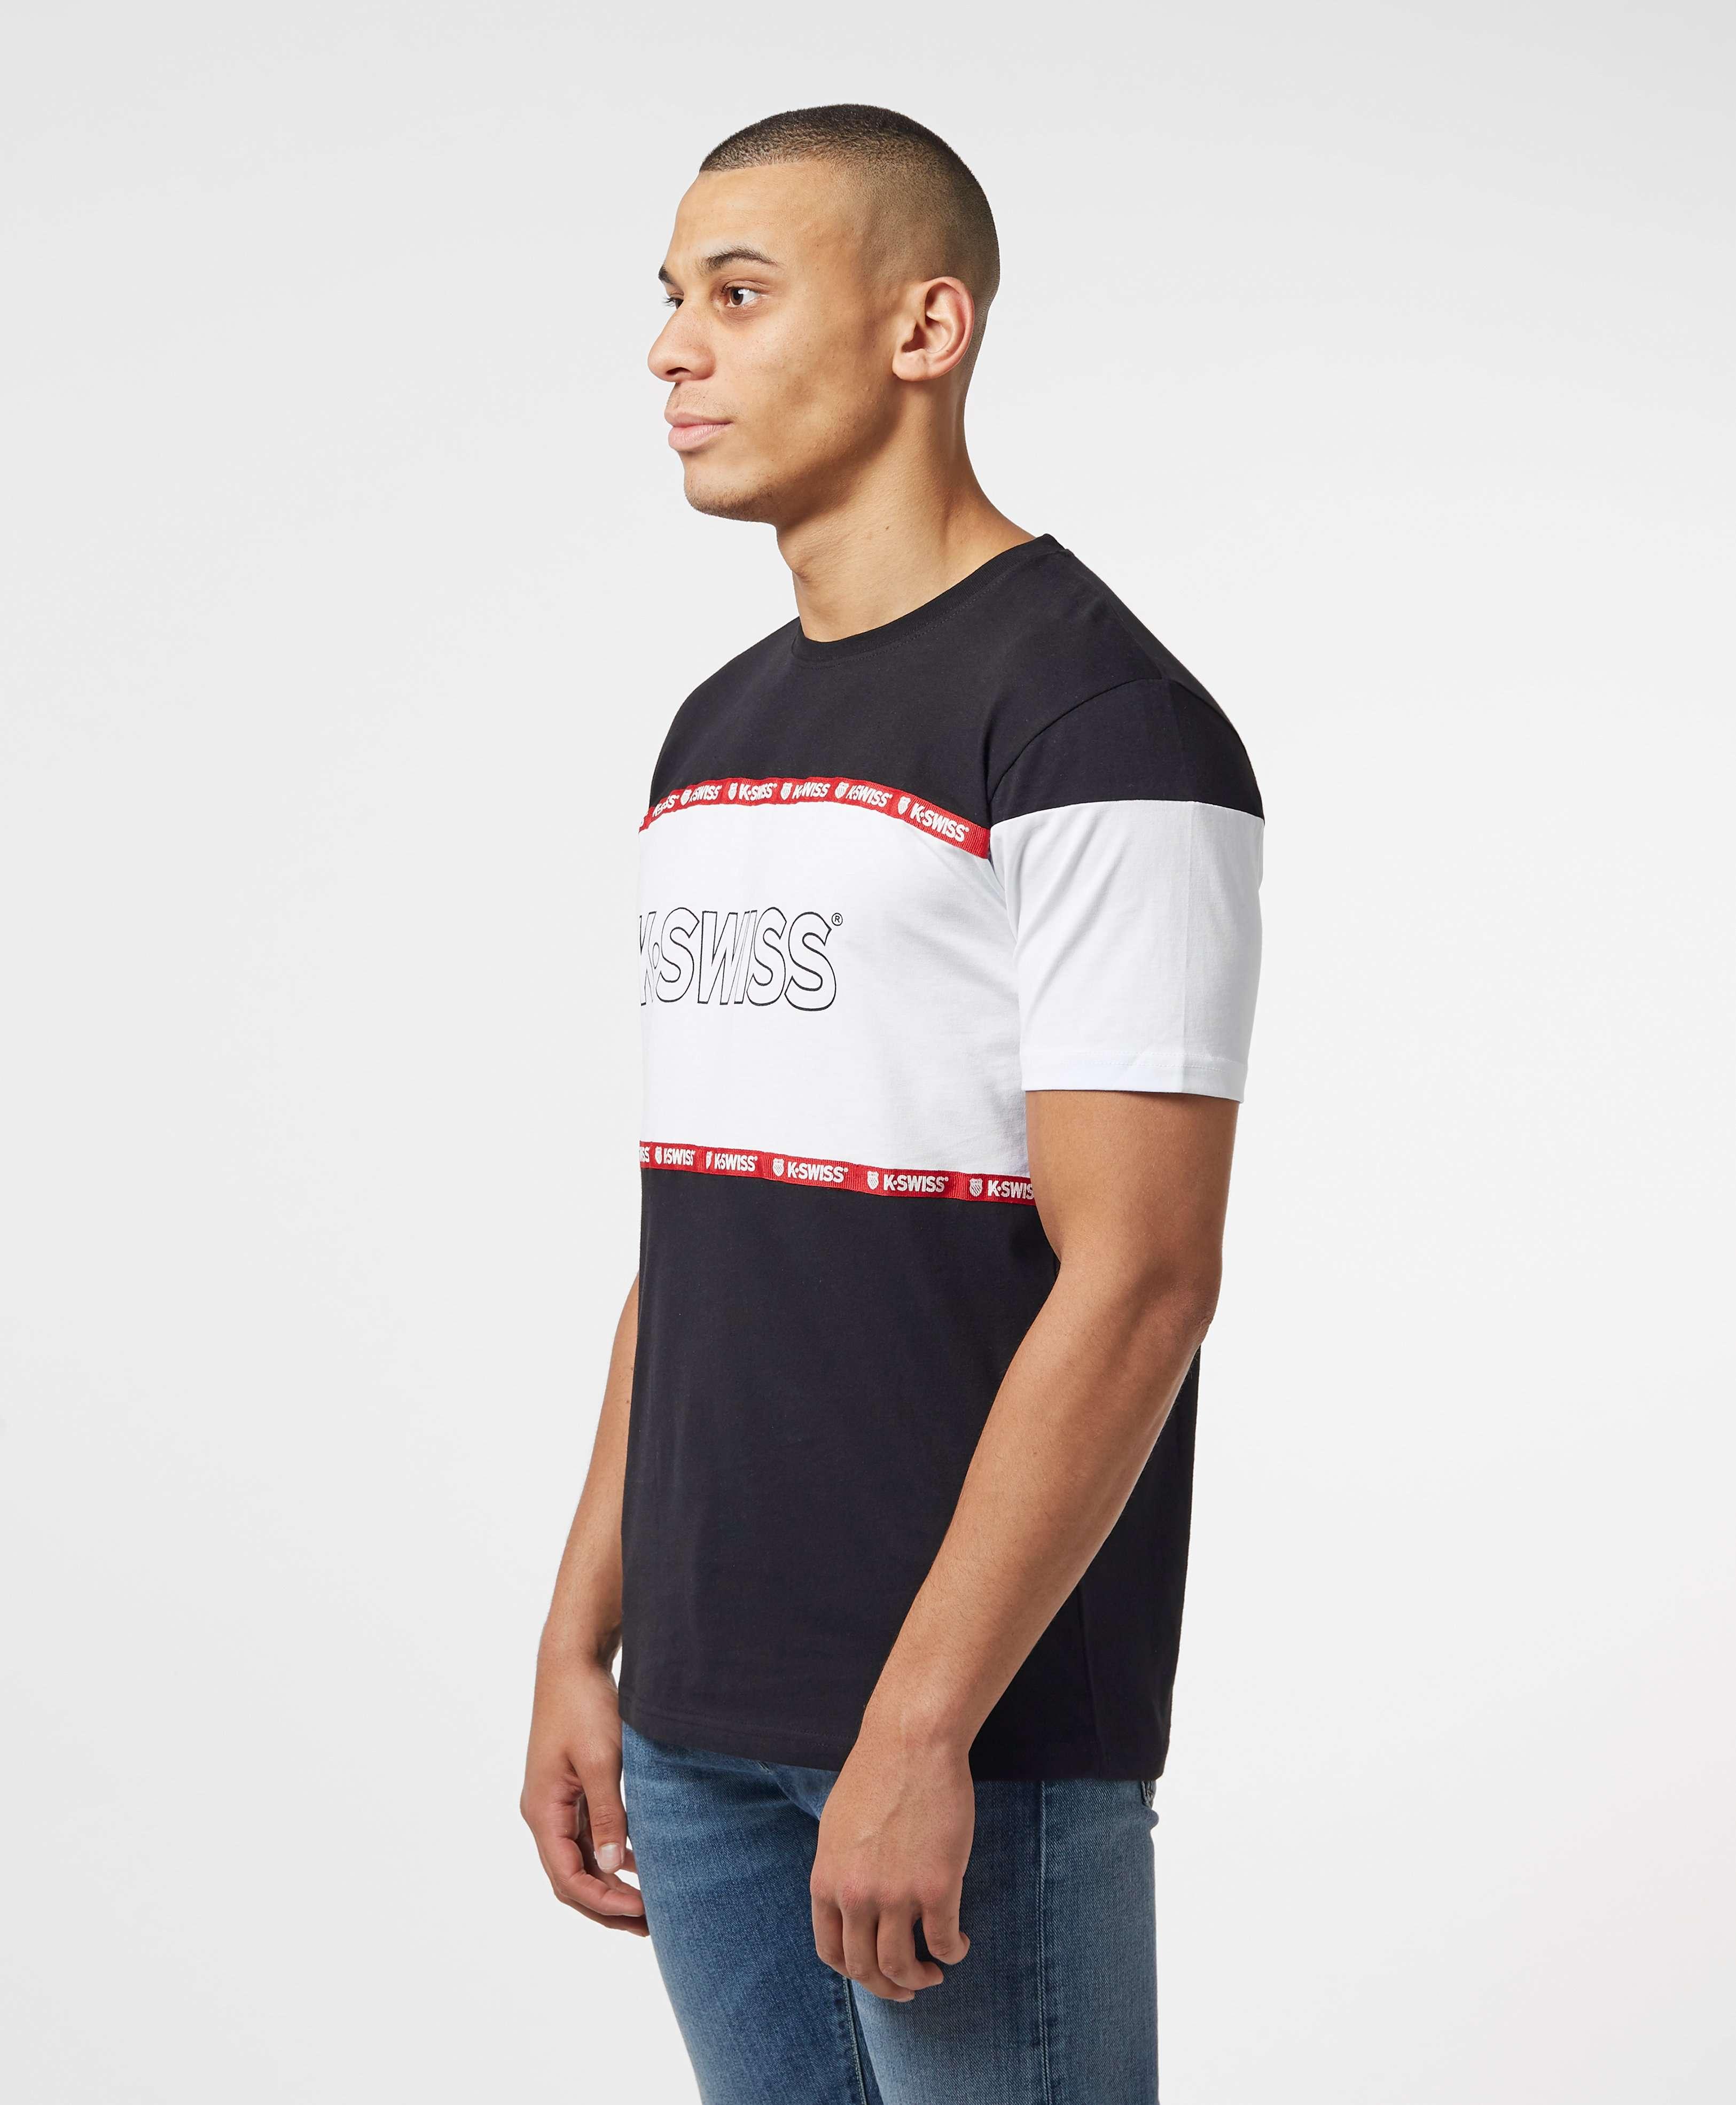 K-Swiss Crenshaw Short Sleeve T-Shirt - Online Exclusive